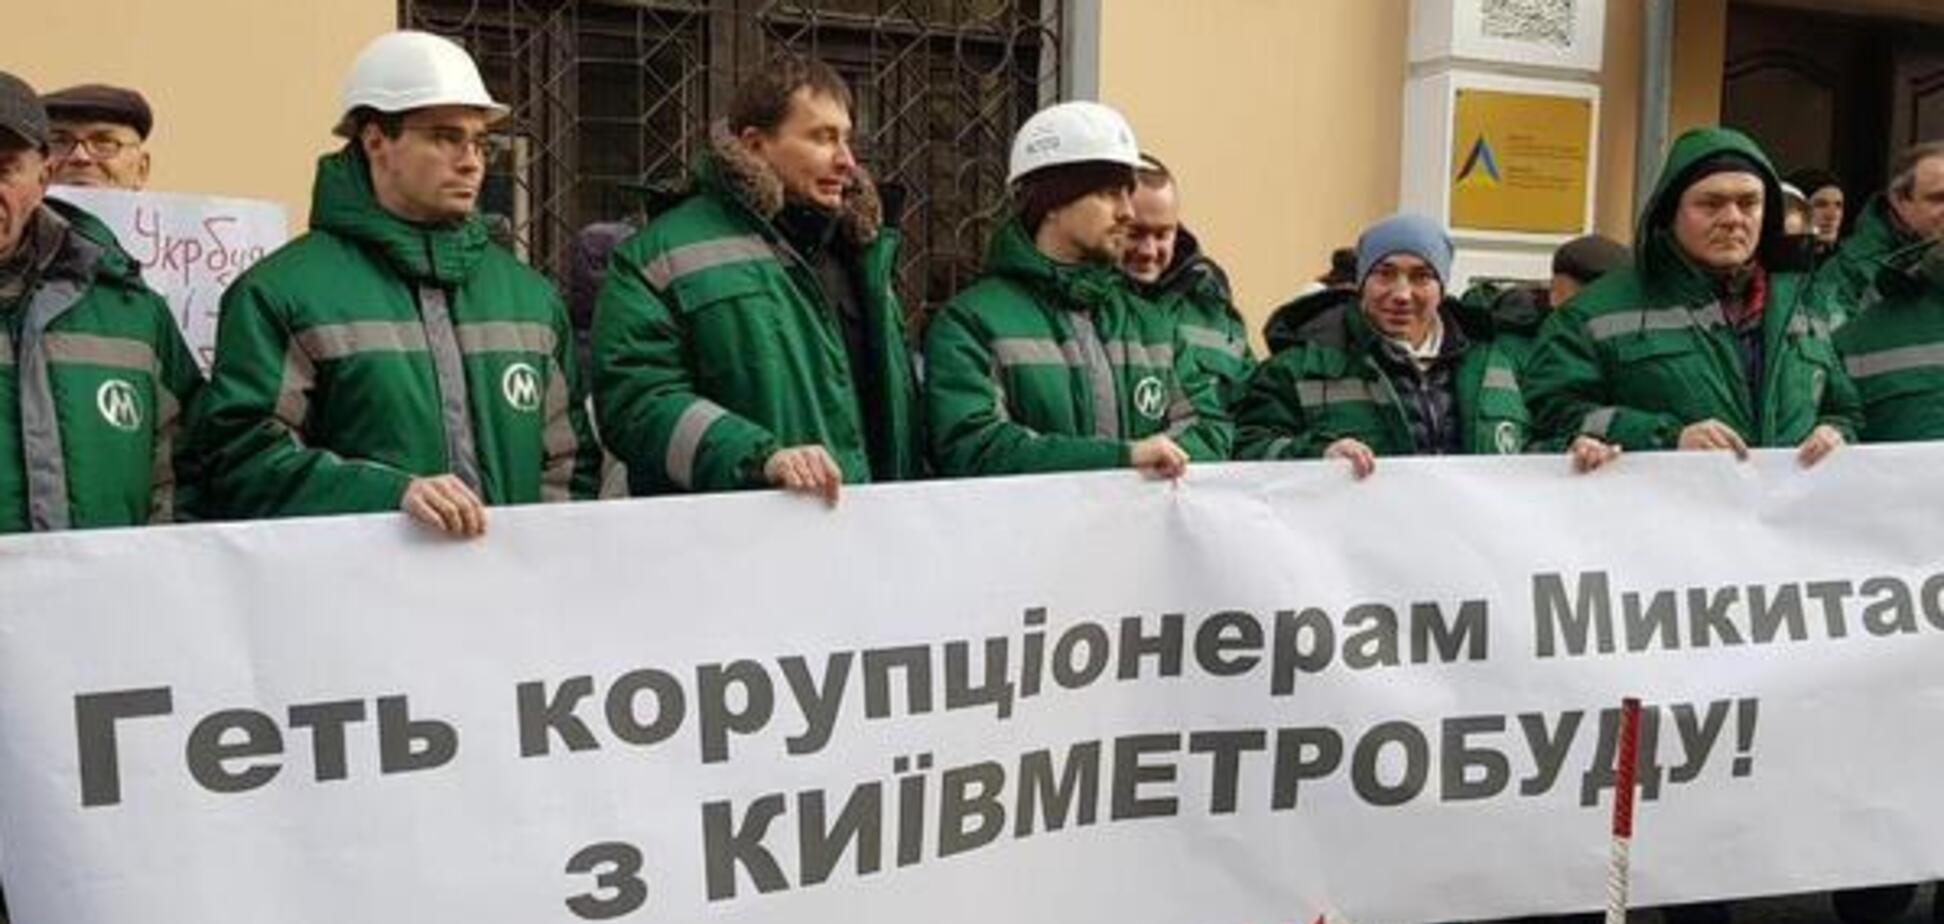 Рейдеры Микитася за счет продажных юристов пытаются вернуть контроль над 'Киевметростроем' - СМИ